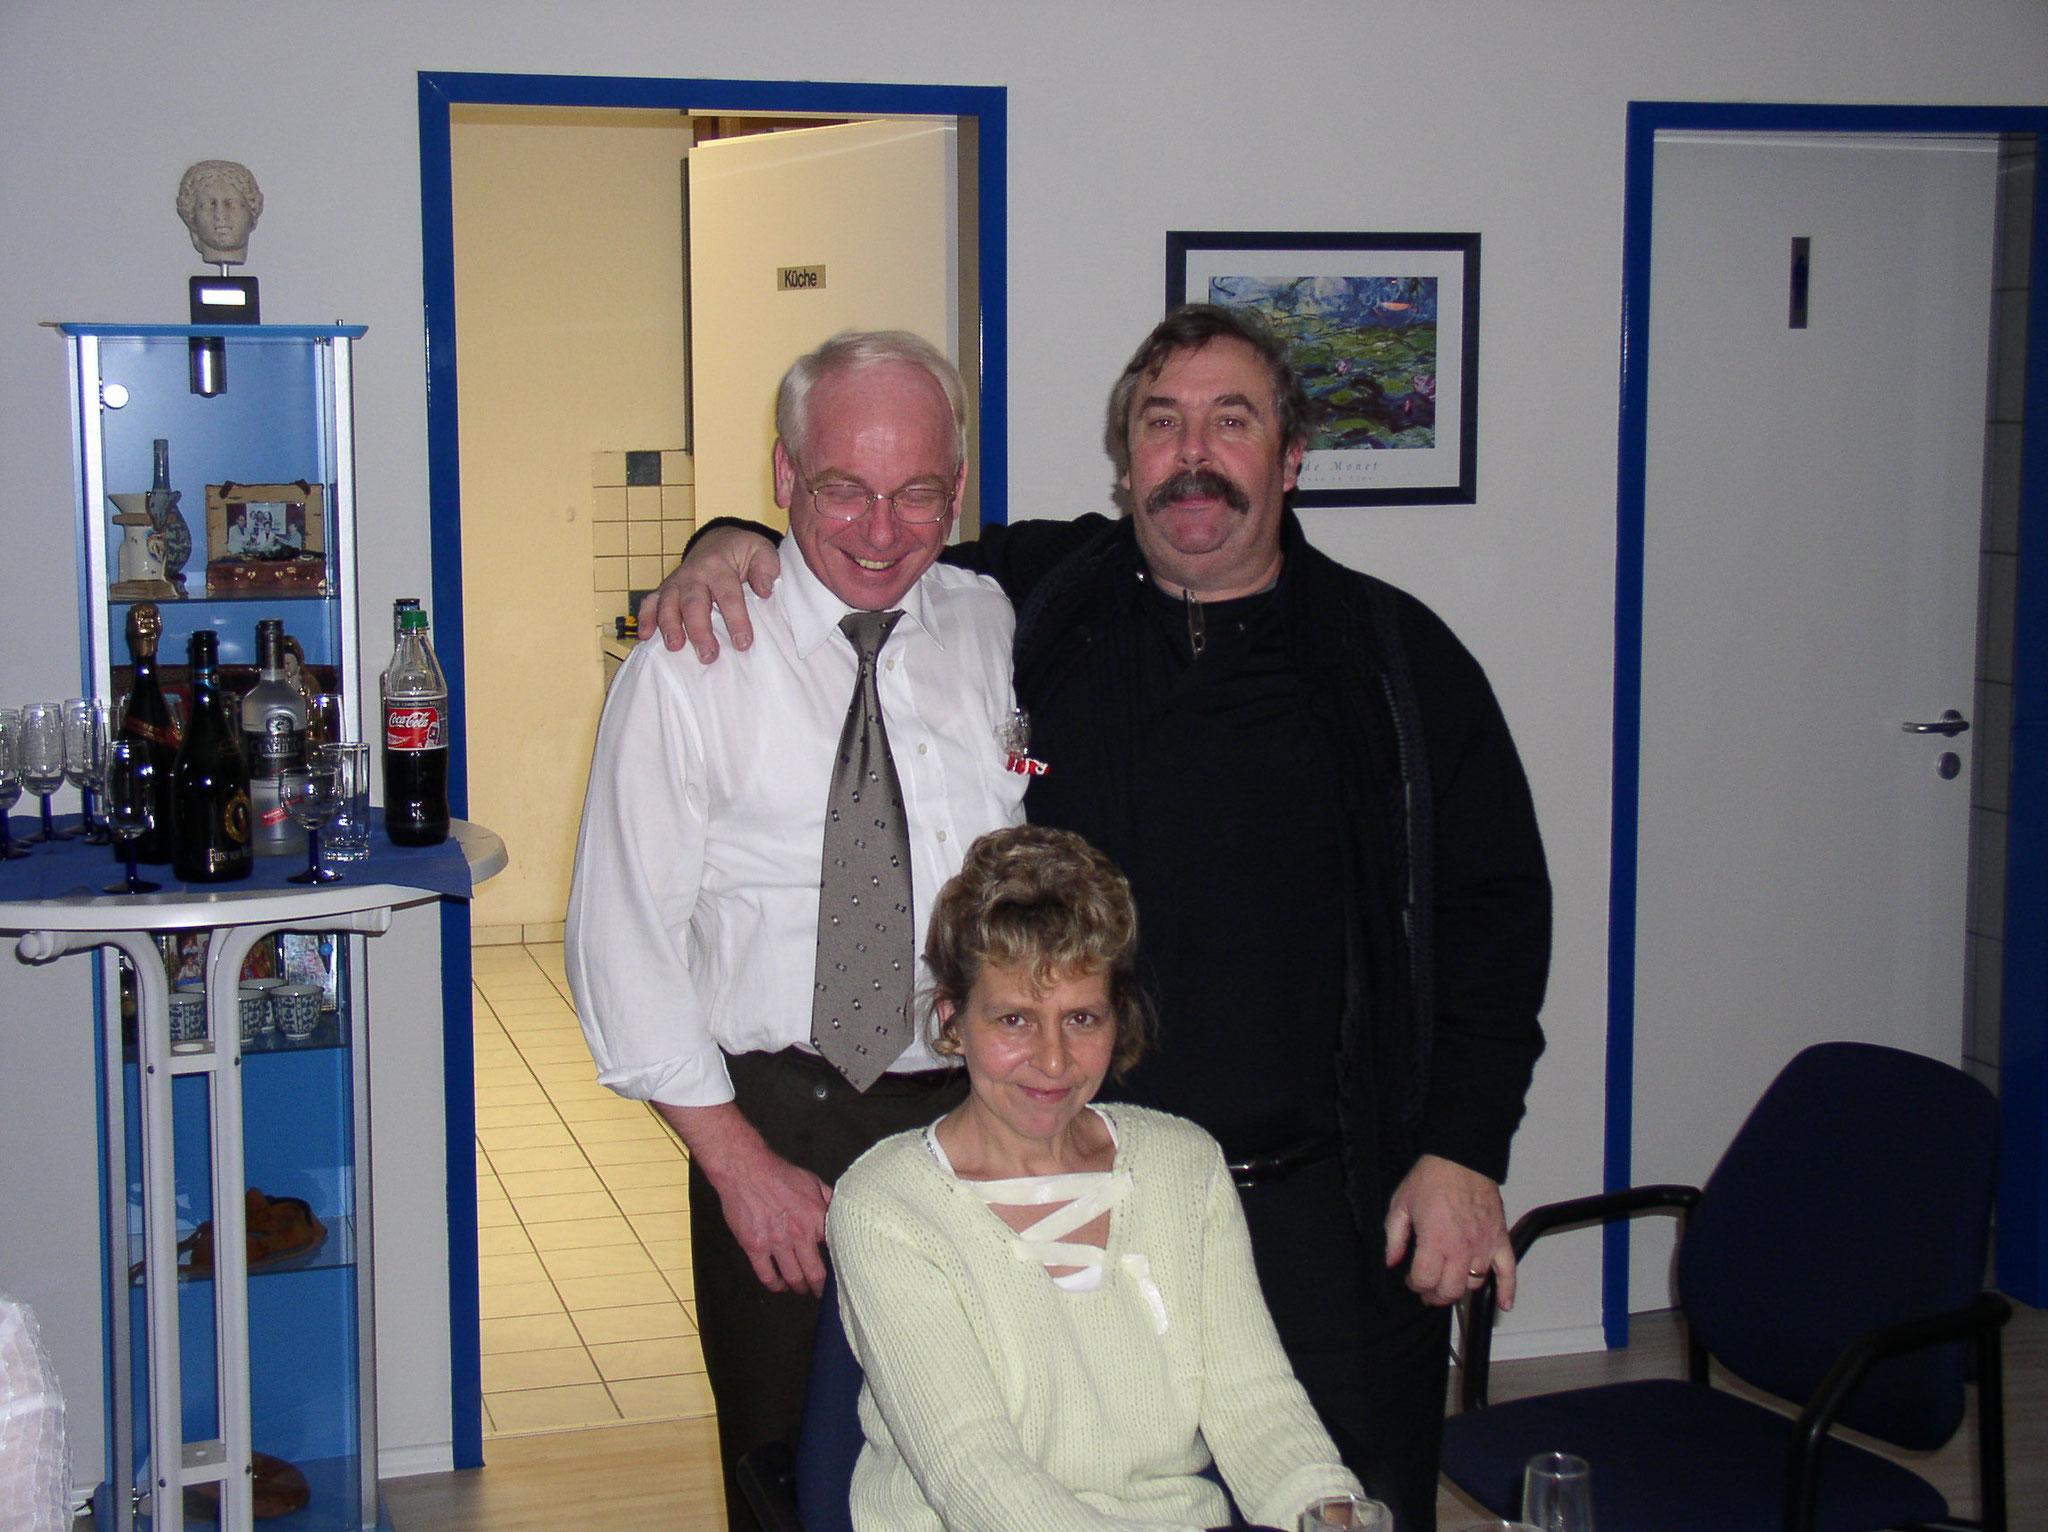 Josef mit Jean Pierre und Trudi Weihnachten 2003